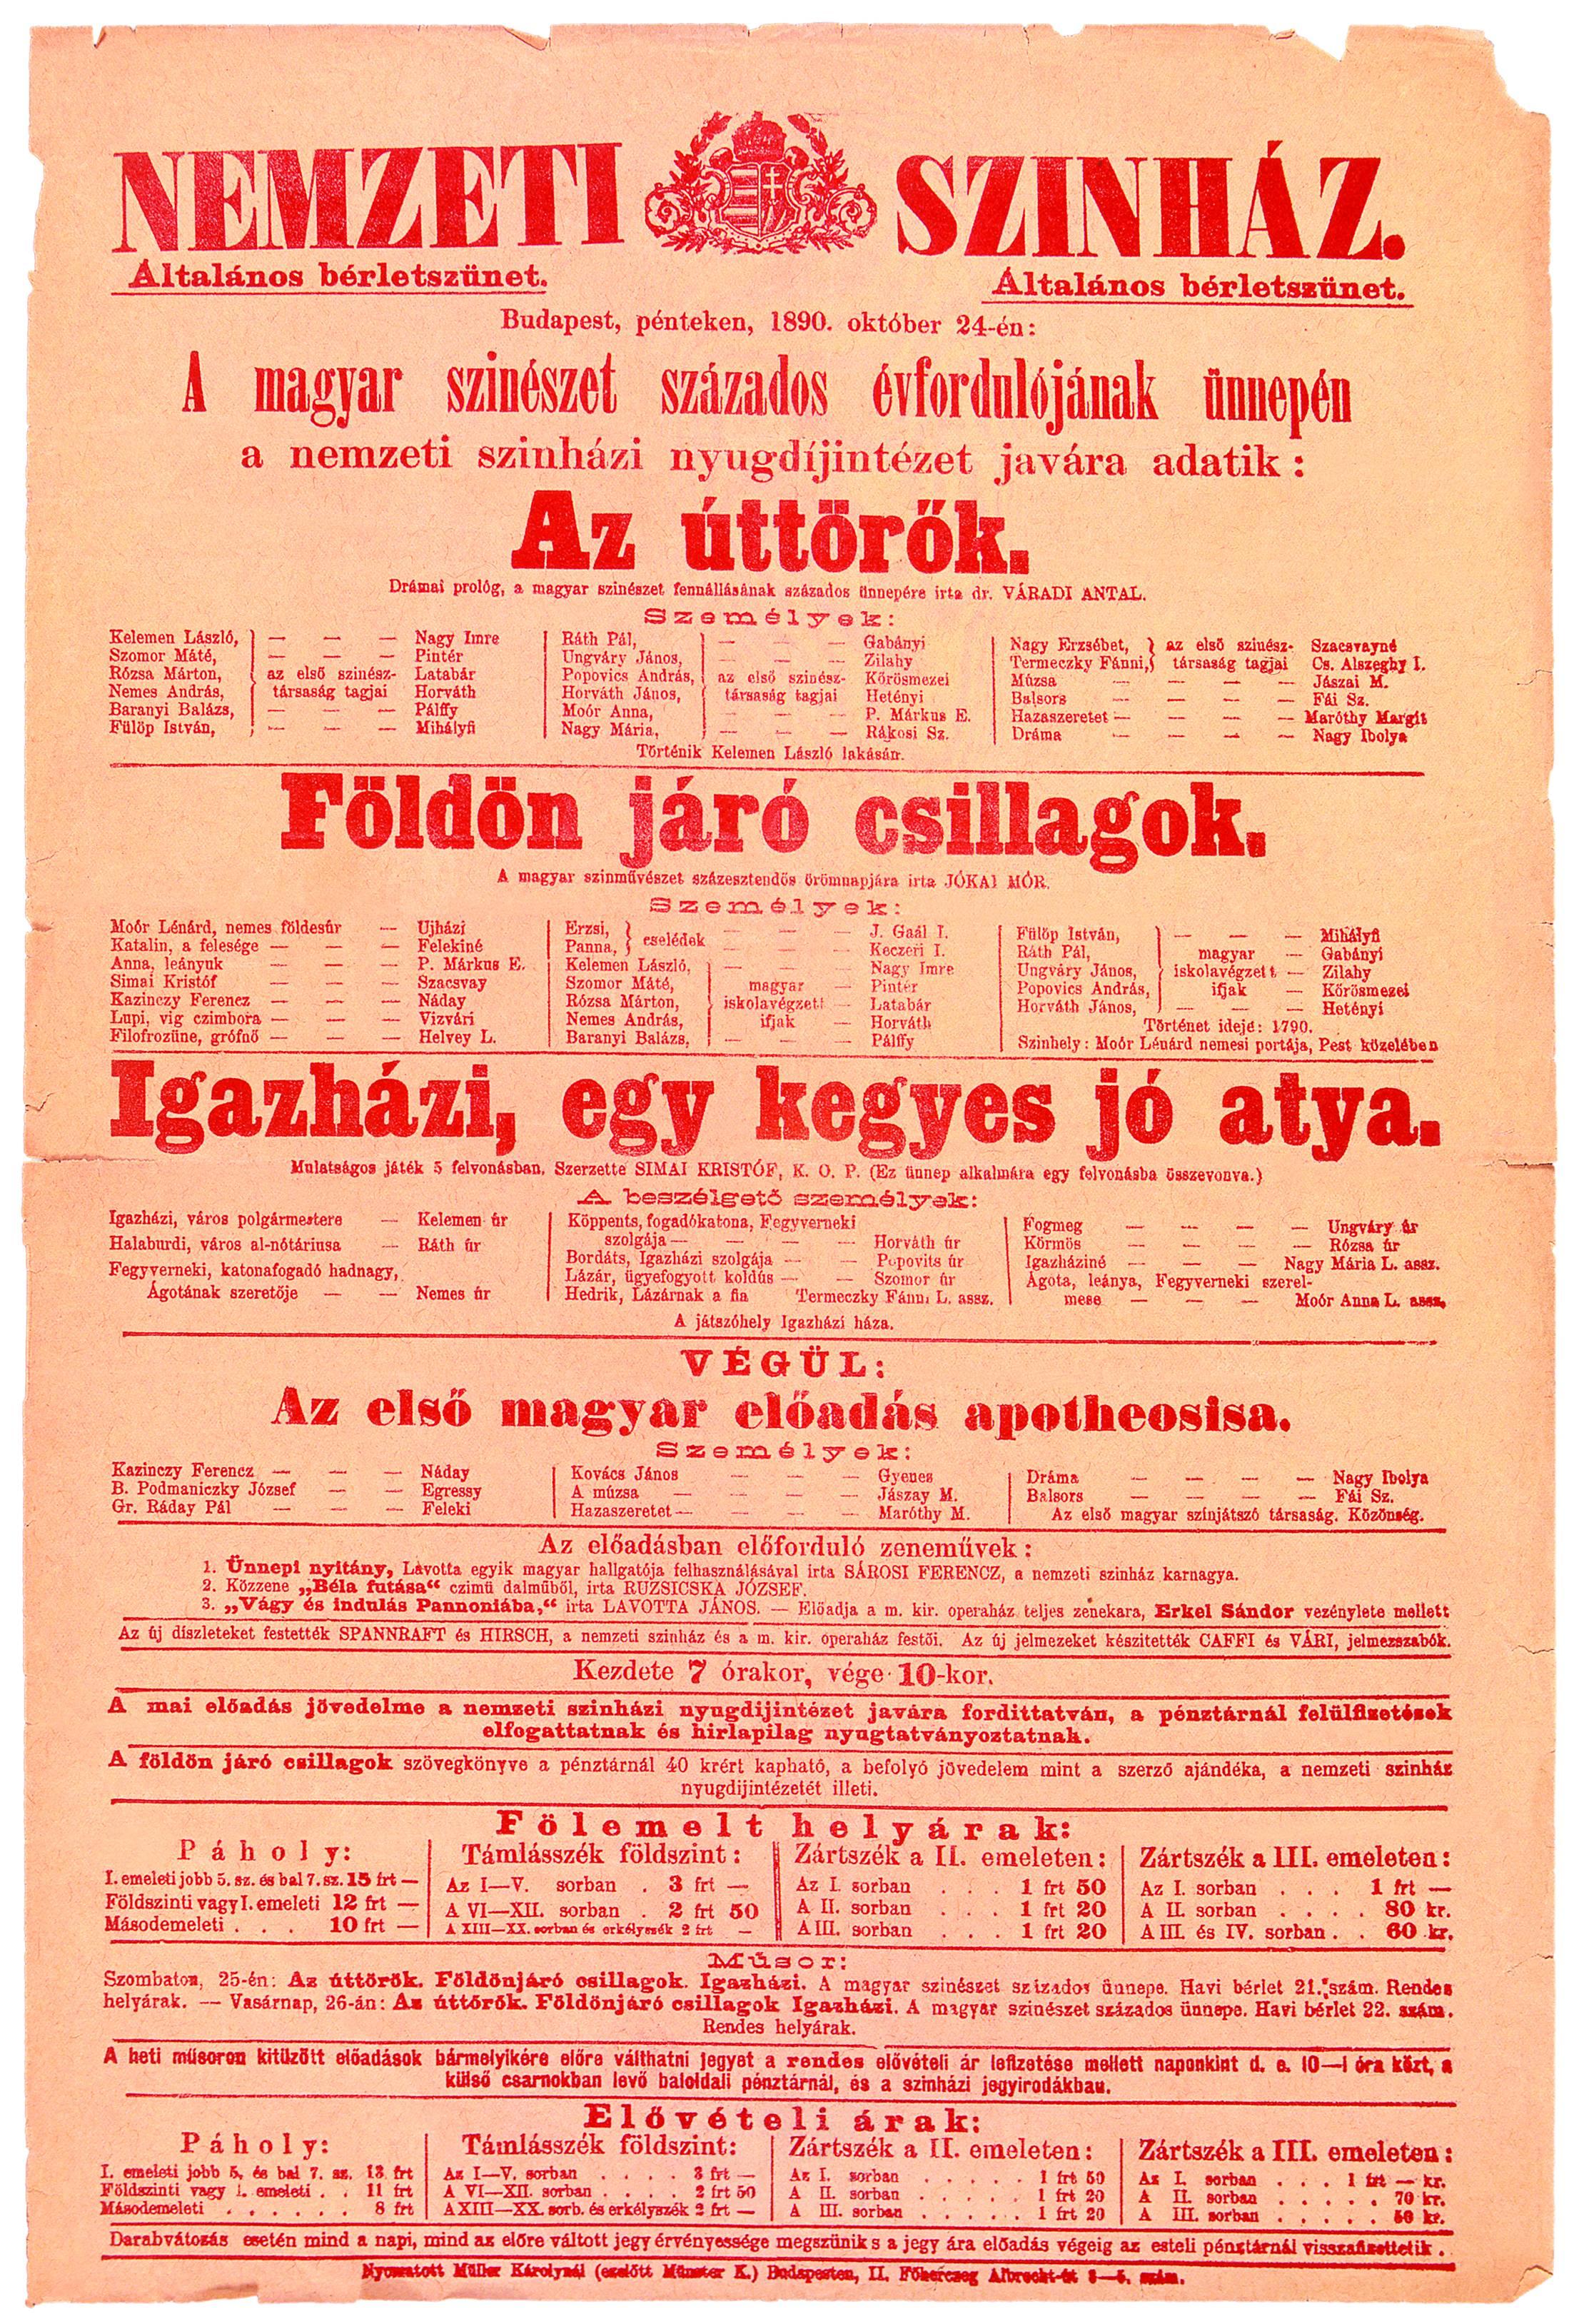 Színlap. Nemzeti Színház, 1890. okt. 24.